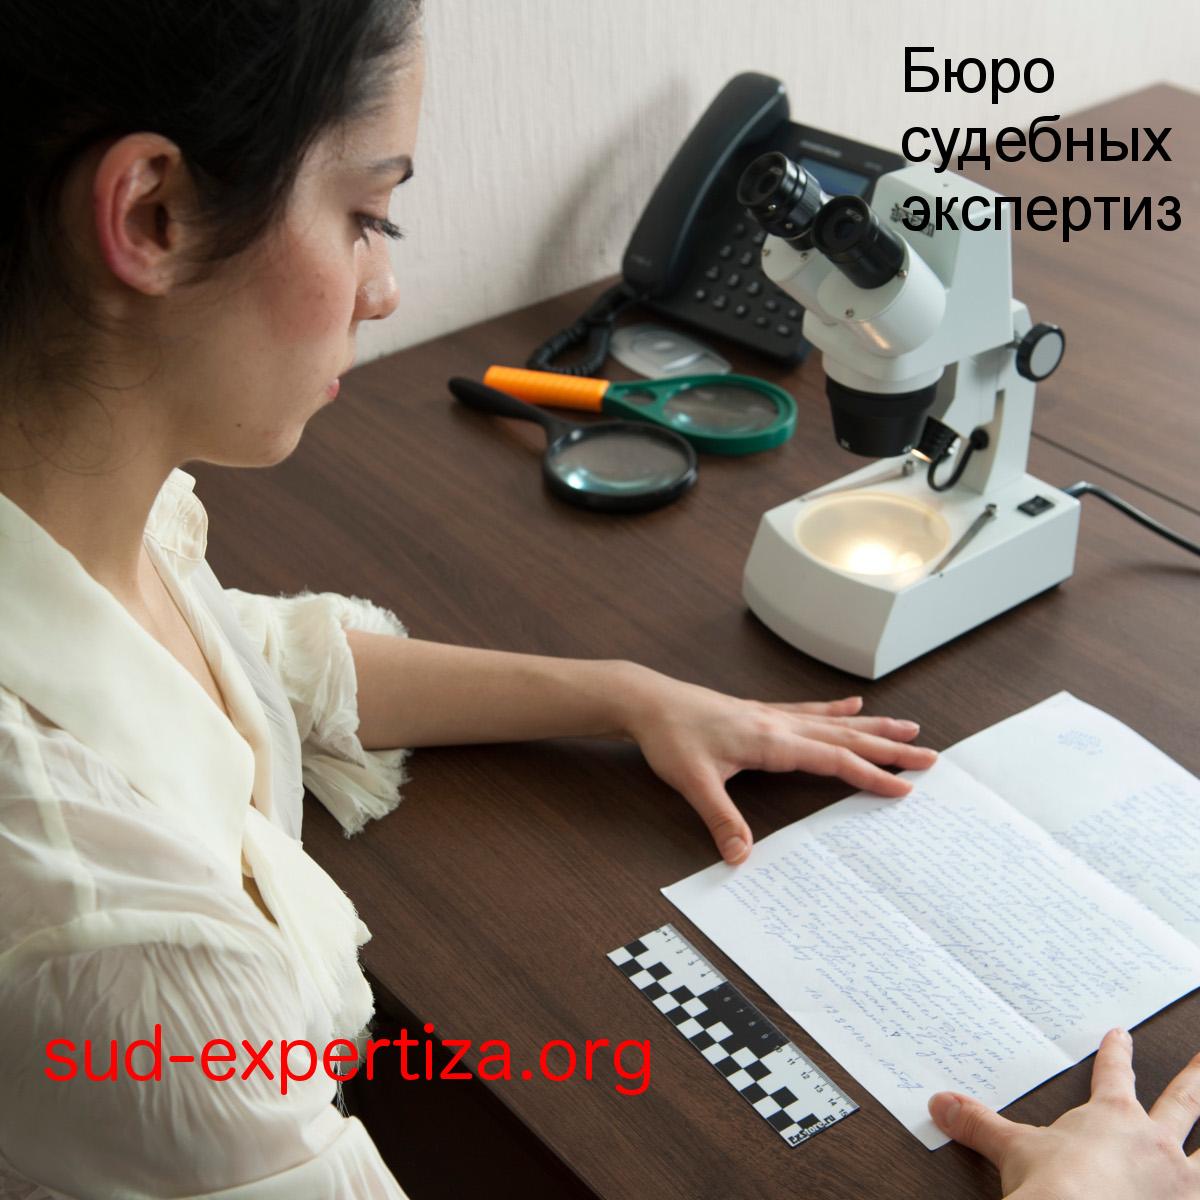 Экспертиза краткой рукописной записи в Бюро судебных экспертиз